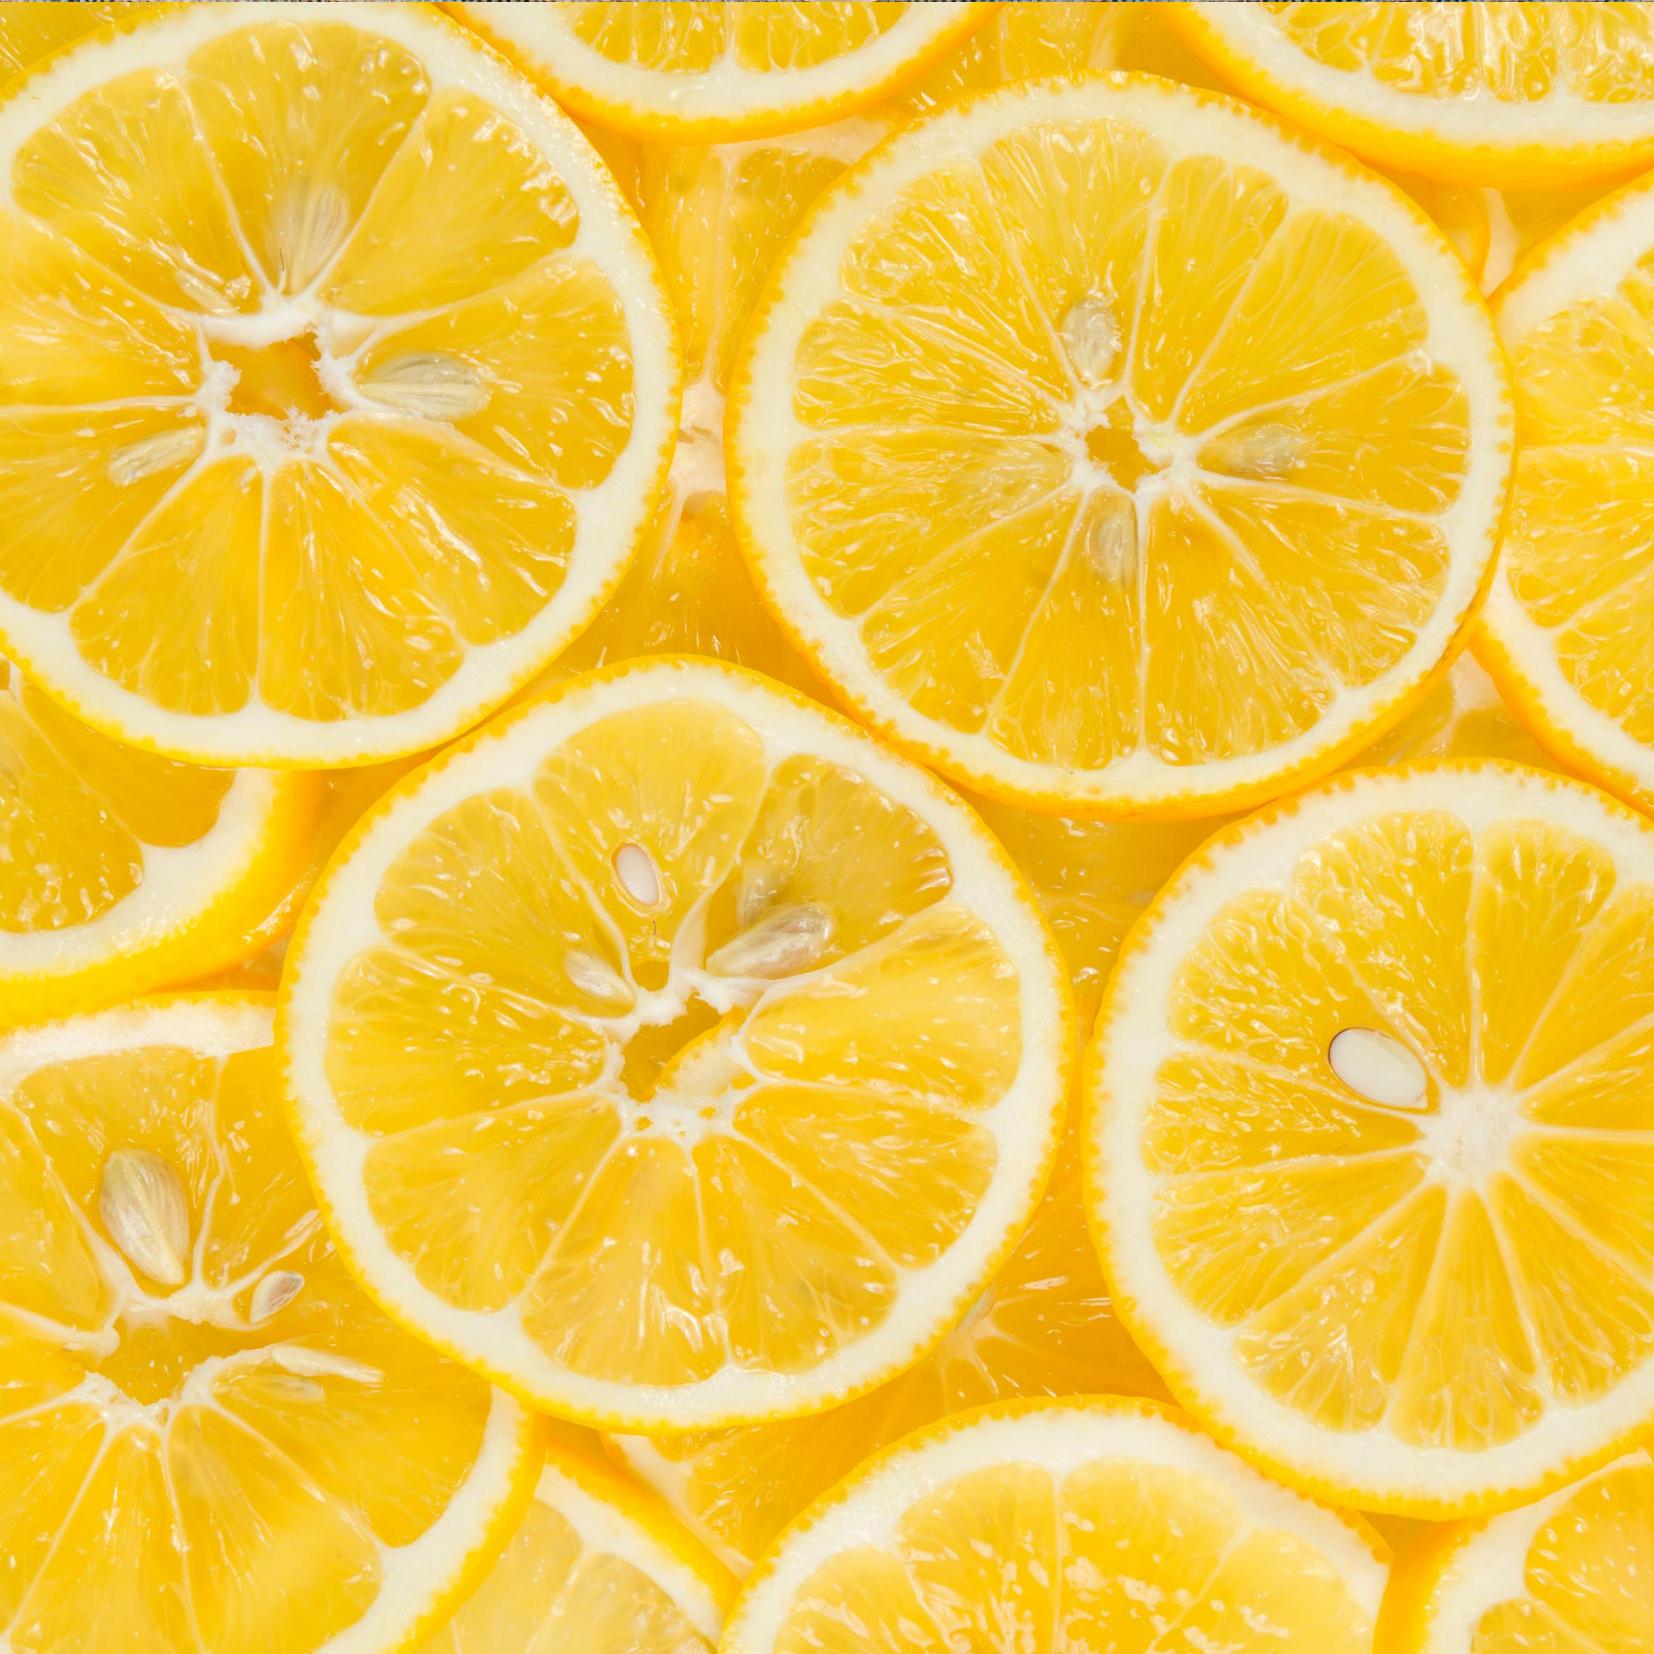 Eating Disorder - Lemon slices